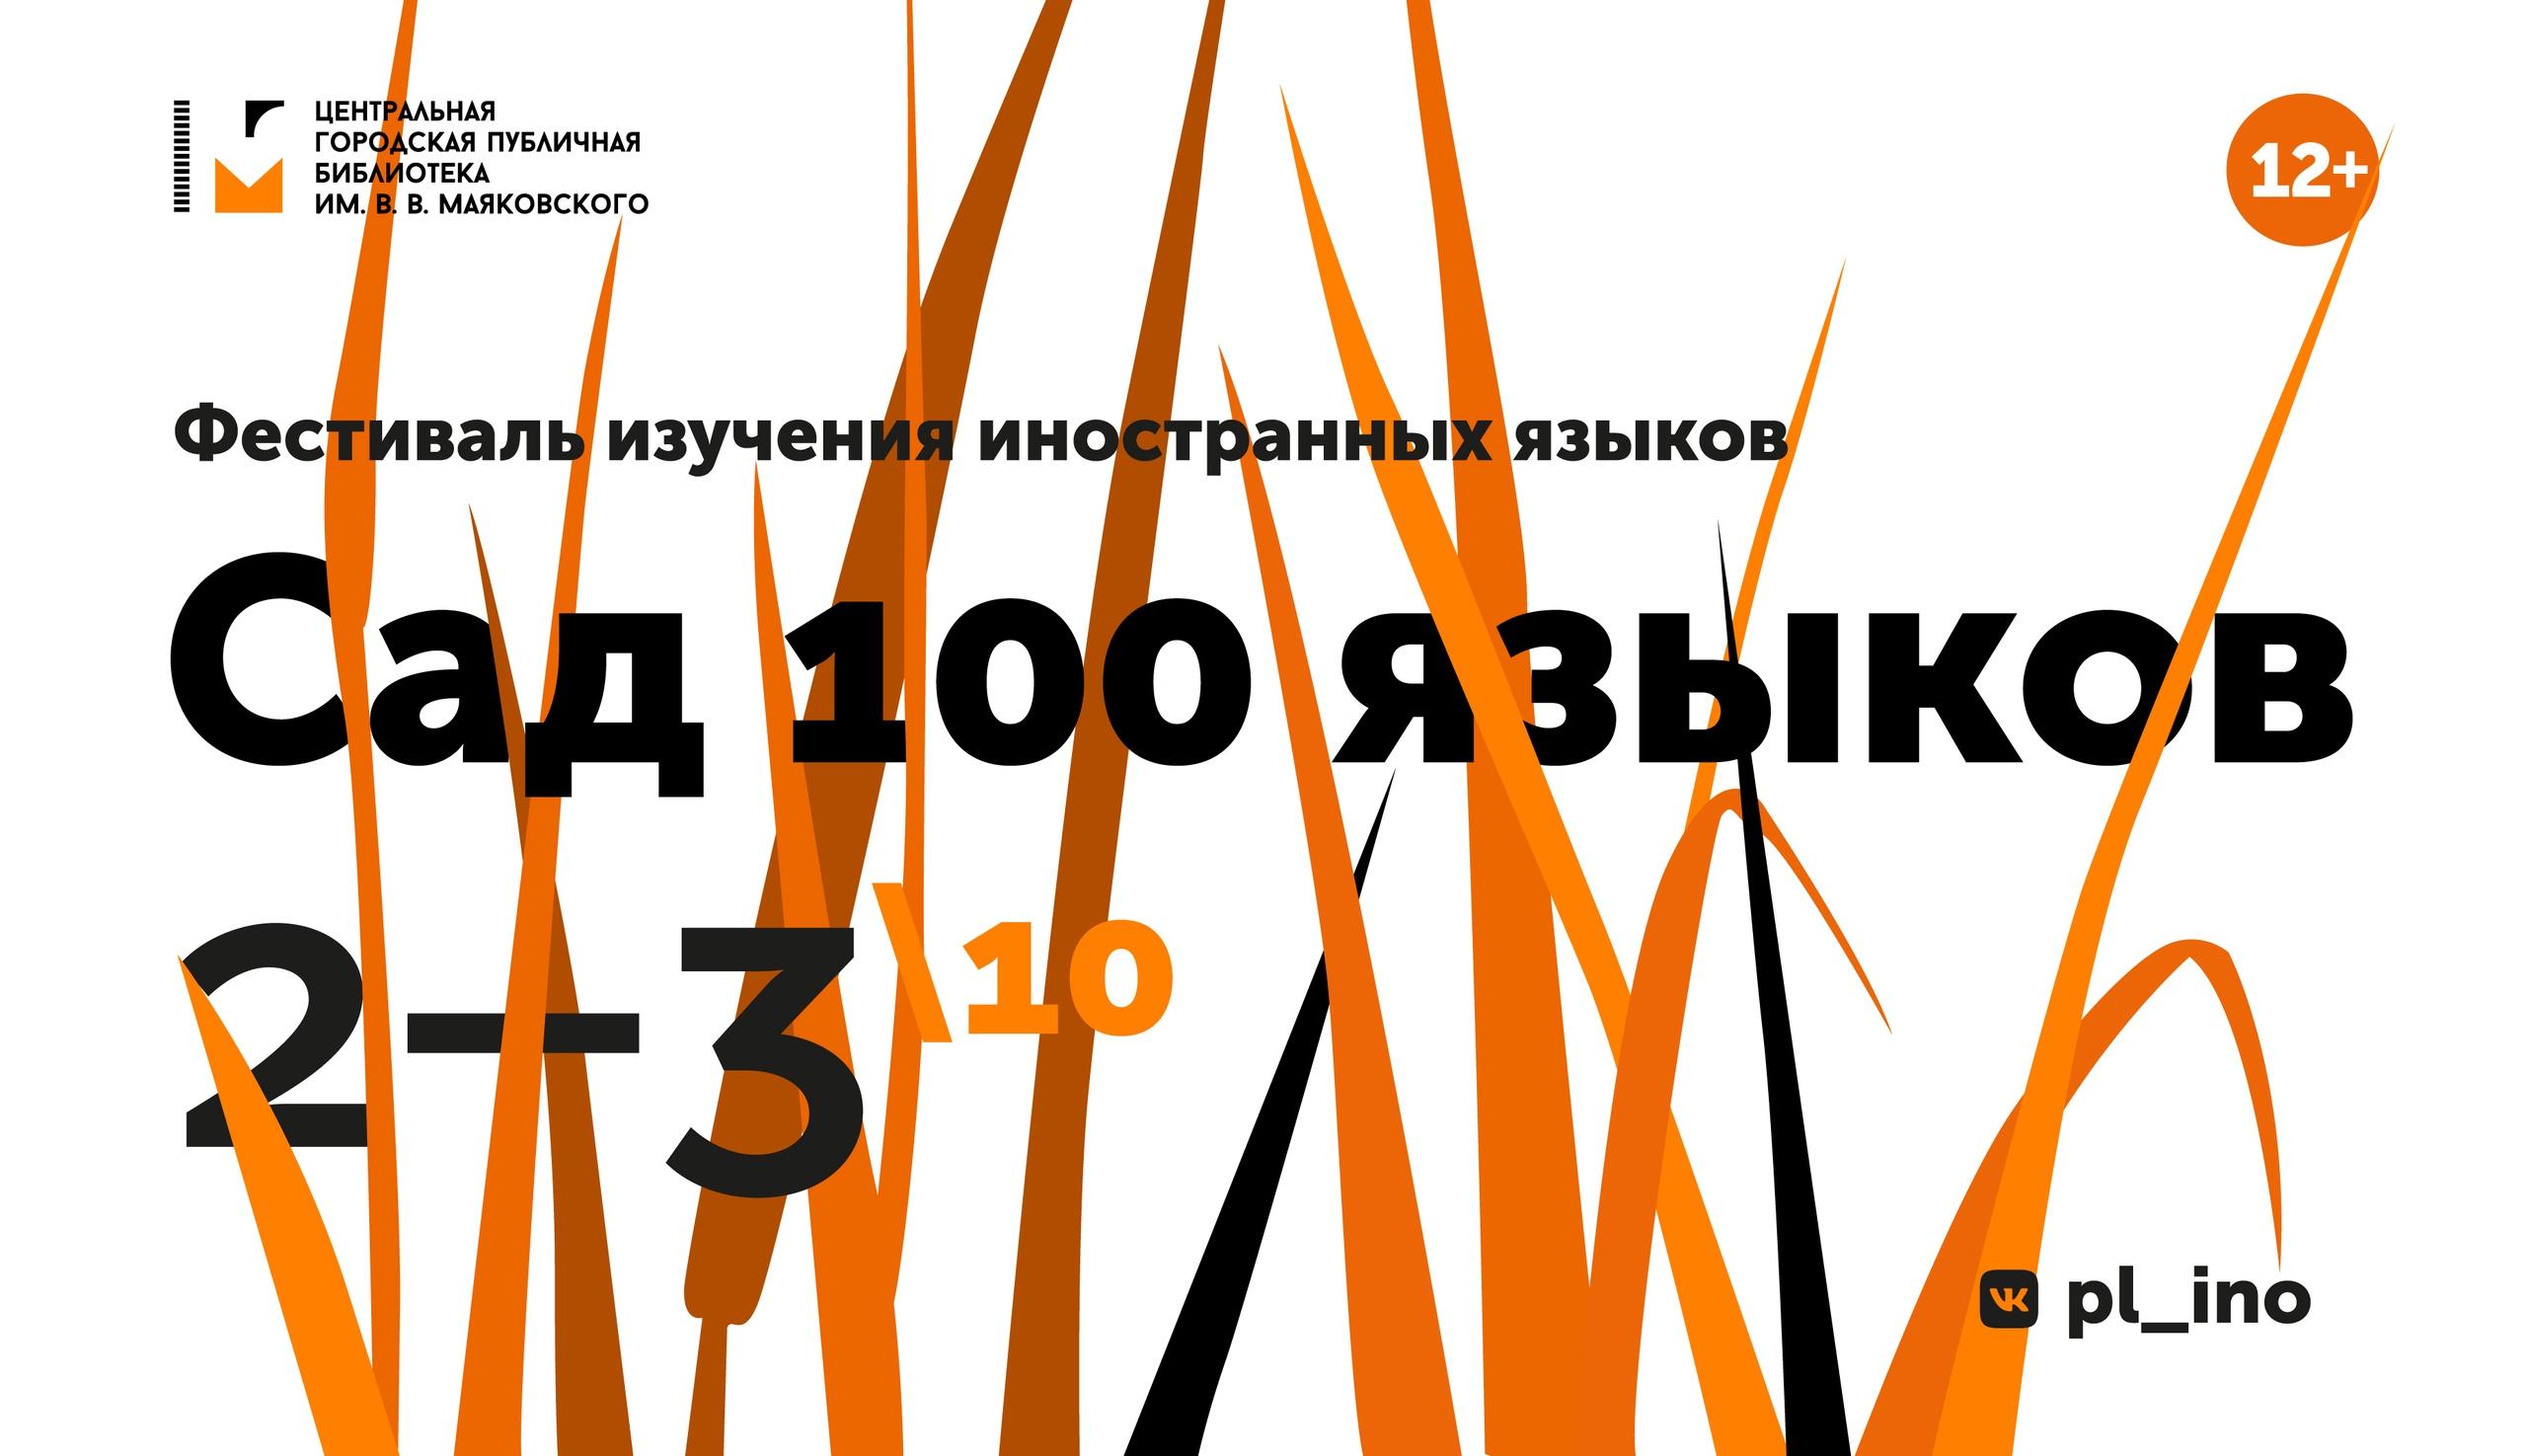 Универсанты расскажут о восточных языках на фестивале «Сад 100 языков»